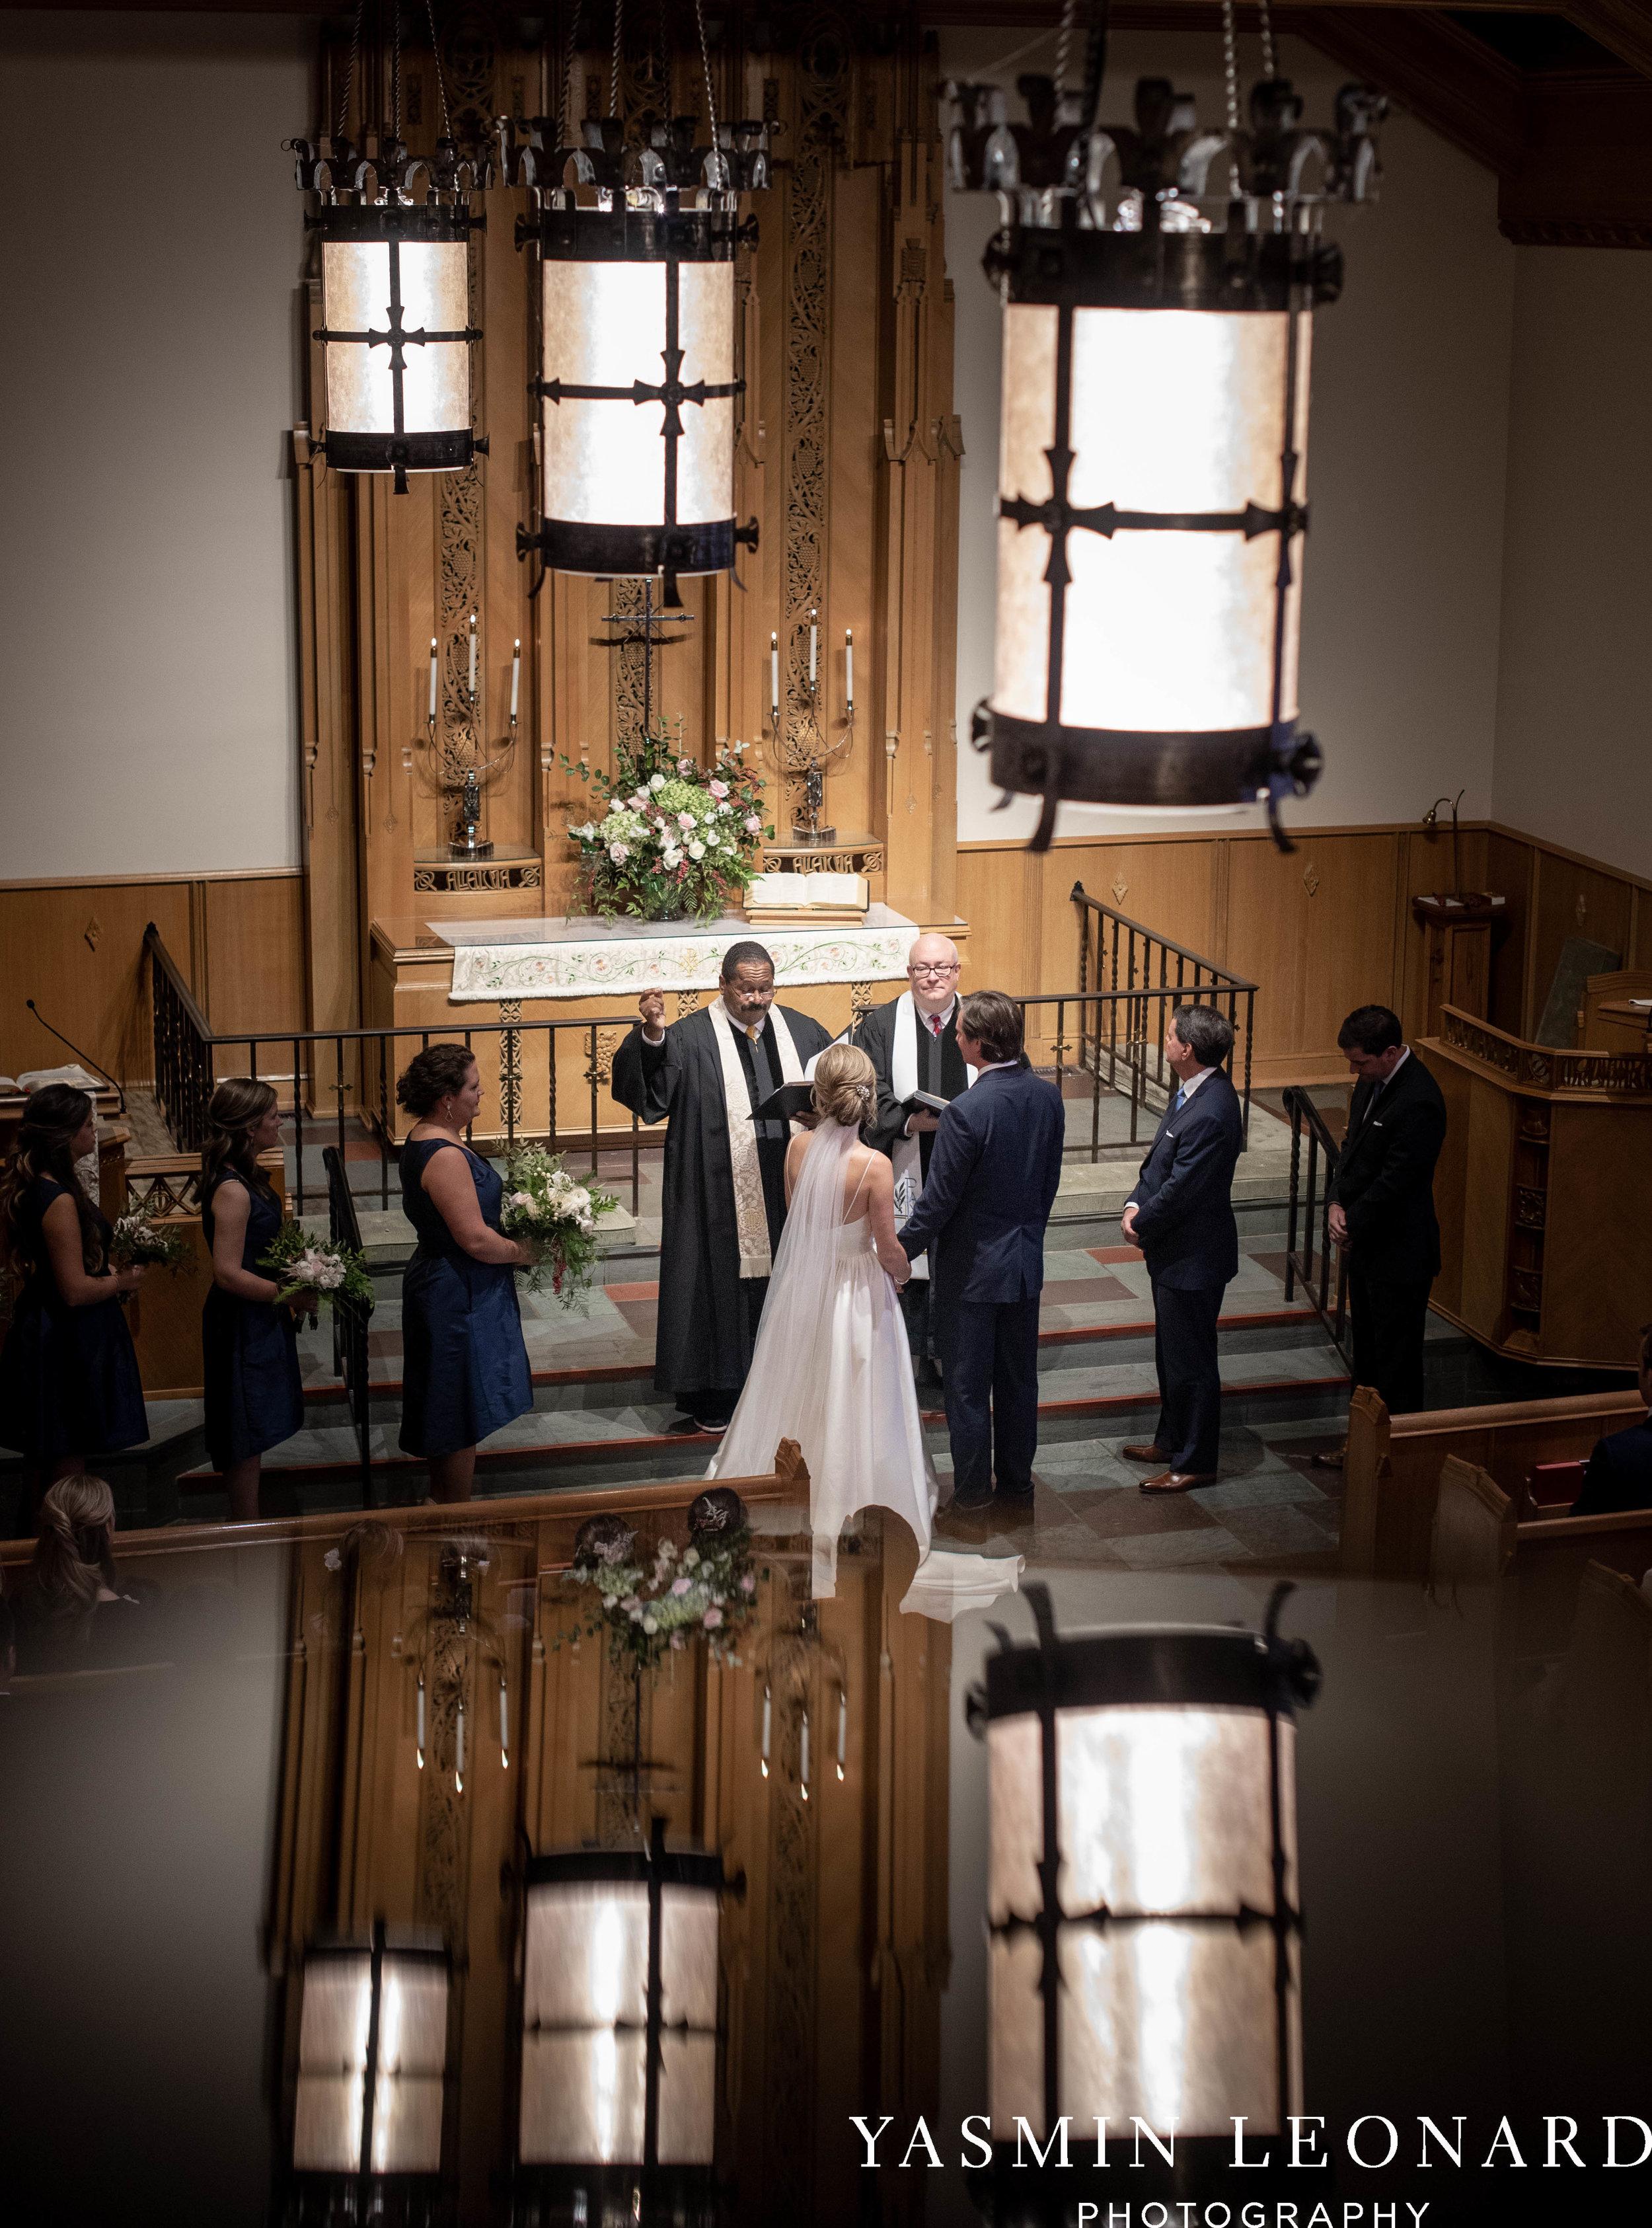 Wesley Memorial United Methodist Church - EmeryWood - High Point Weddings - High Point Wedding Photographer - NC Wedding Photographer - Yasmin Leonard Photography-24.jpg